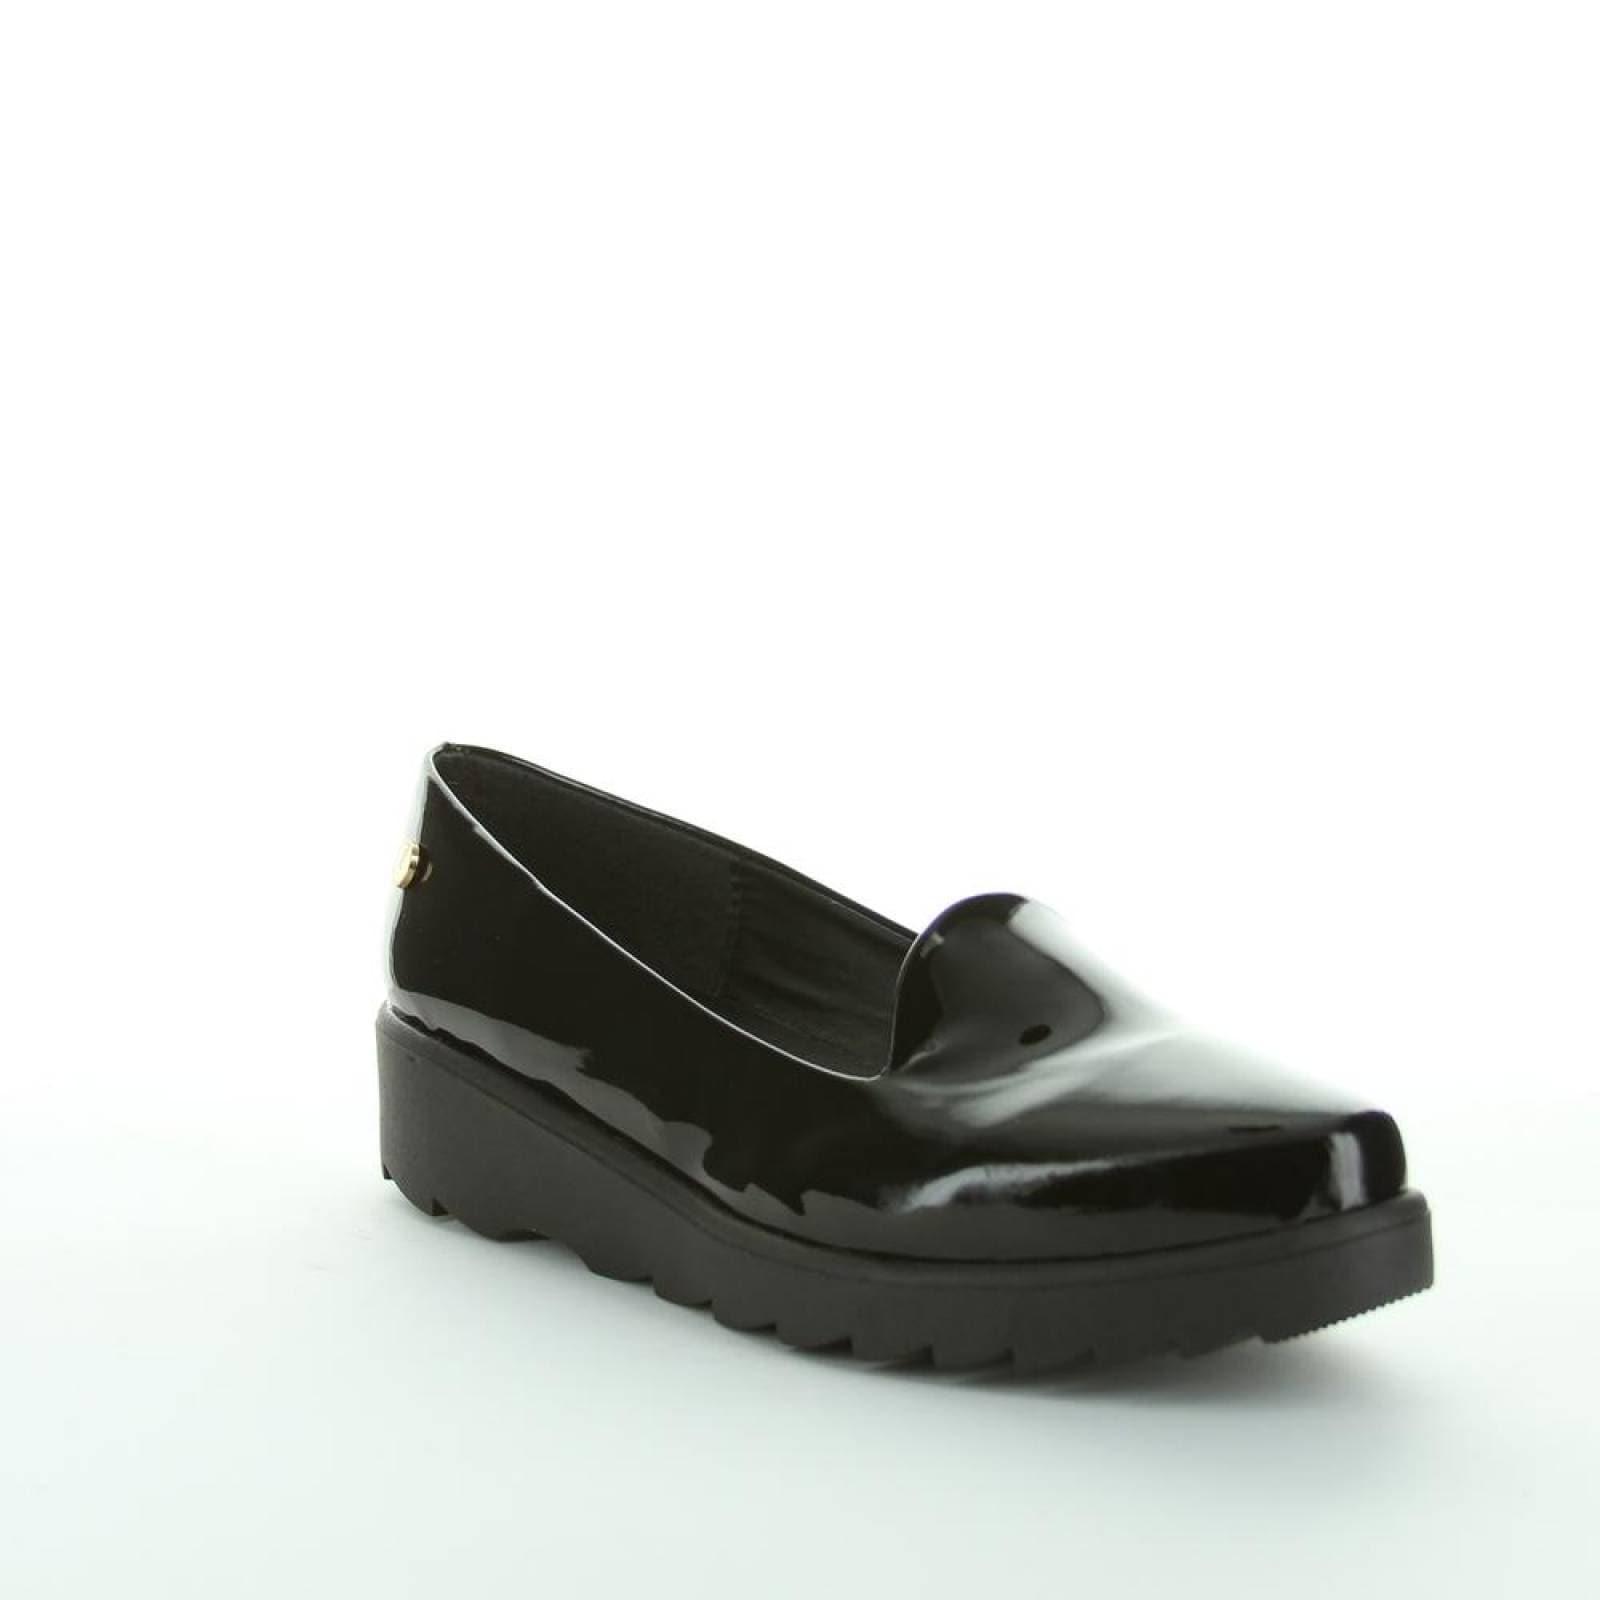 Zapato Cerrado Rojo Intenso Mujer Negro Tipo Charol 3317